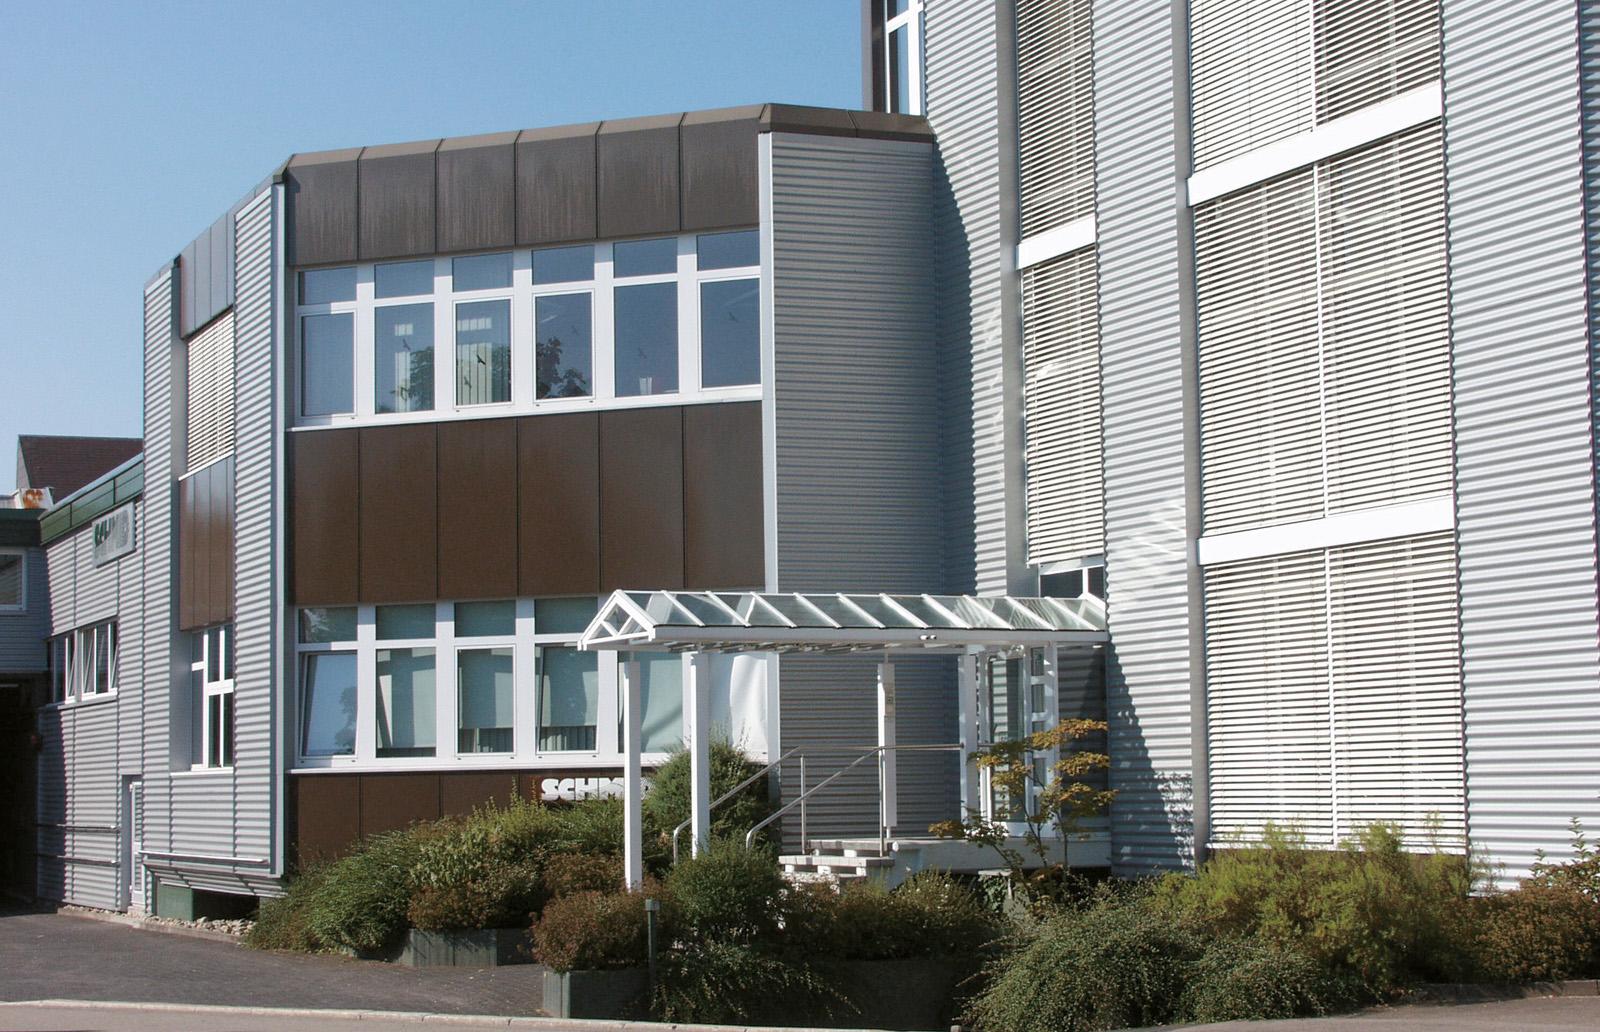 Haupteingang zur Verwaltung - Gebr. Schmid GmbH, Freudenstadt